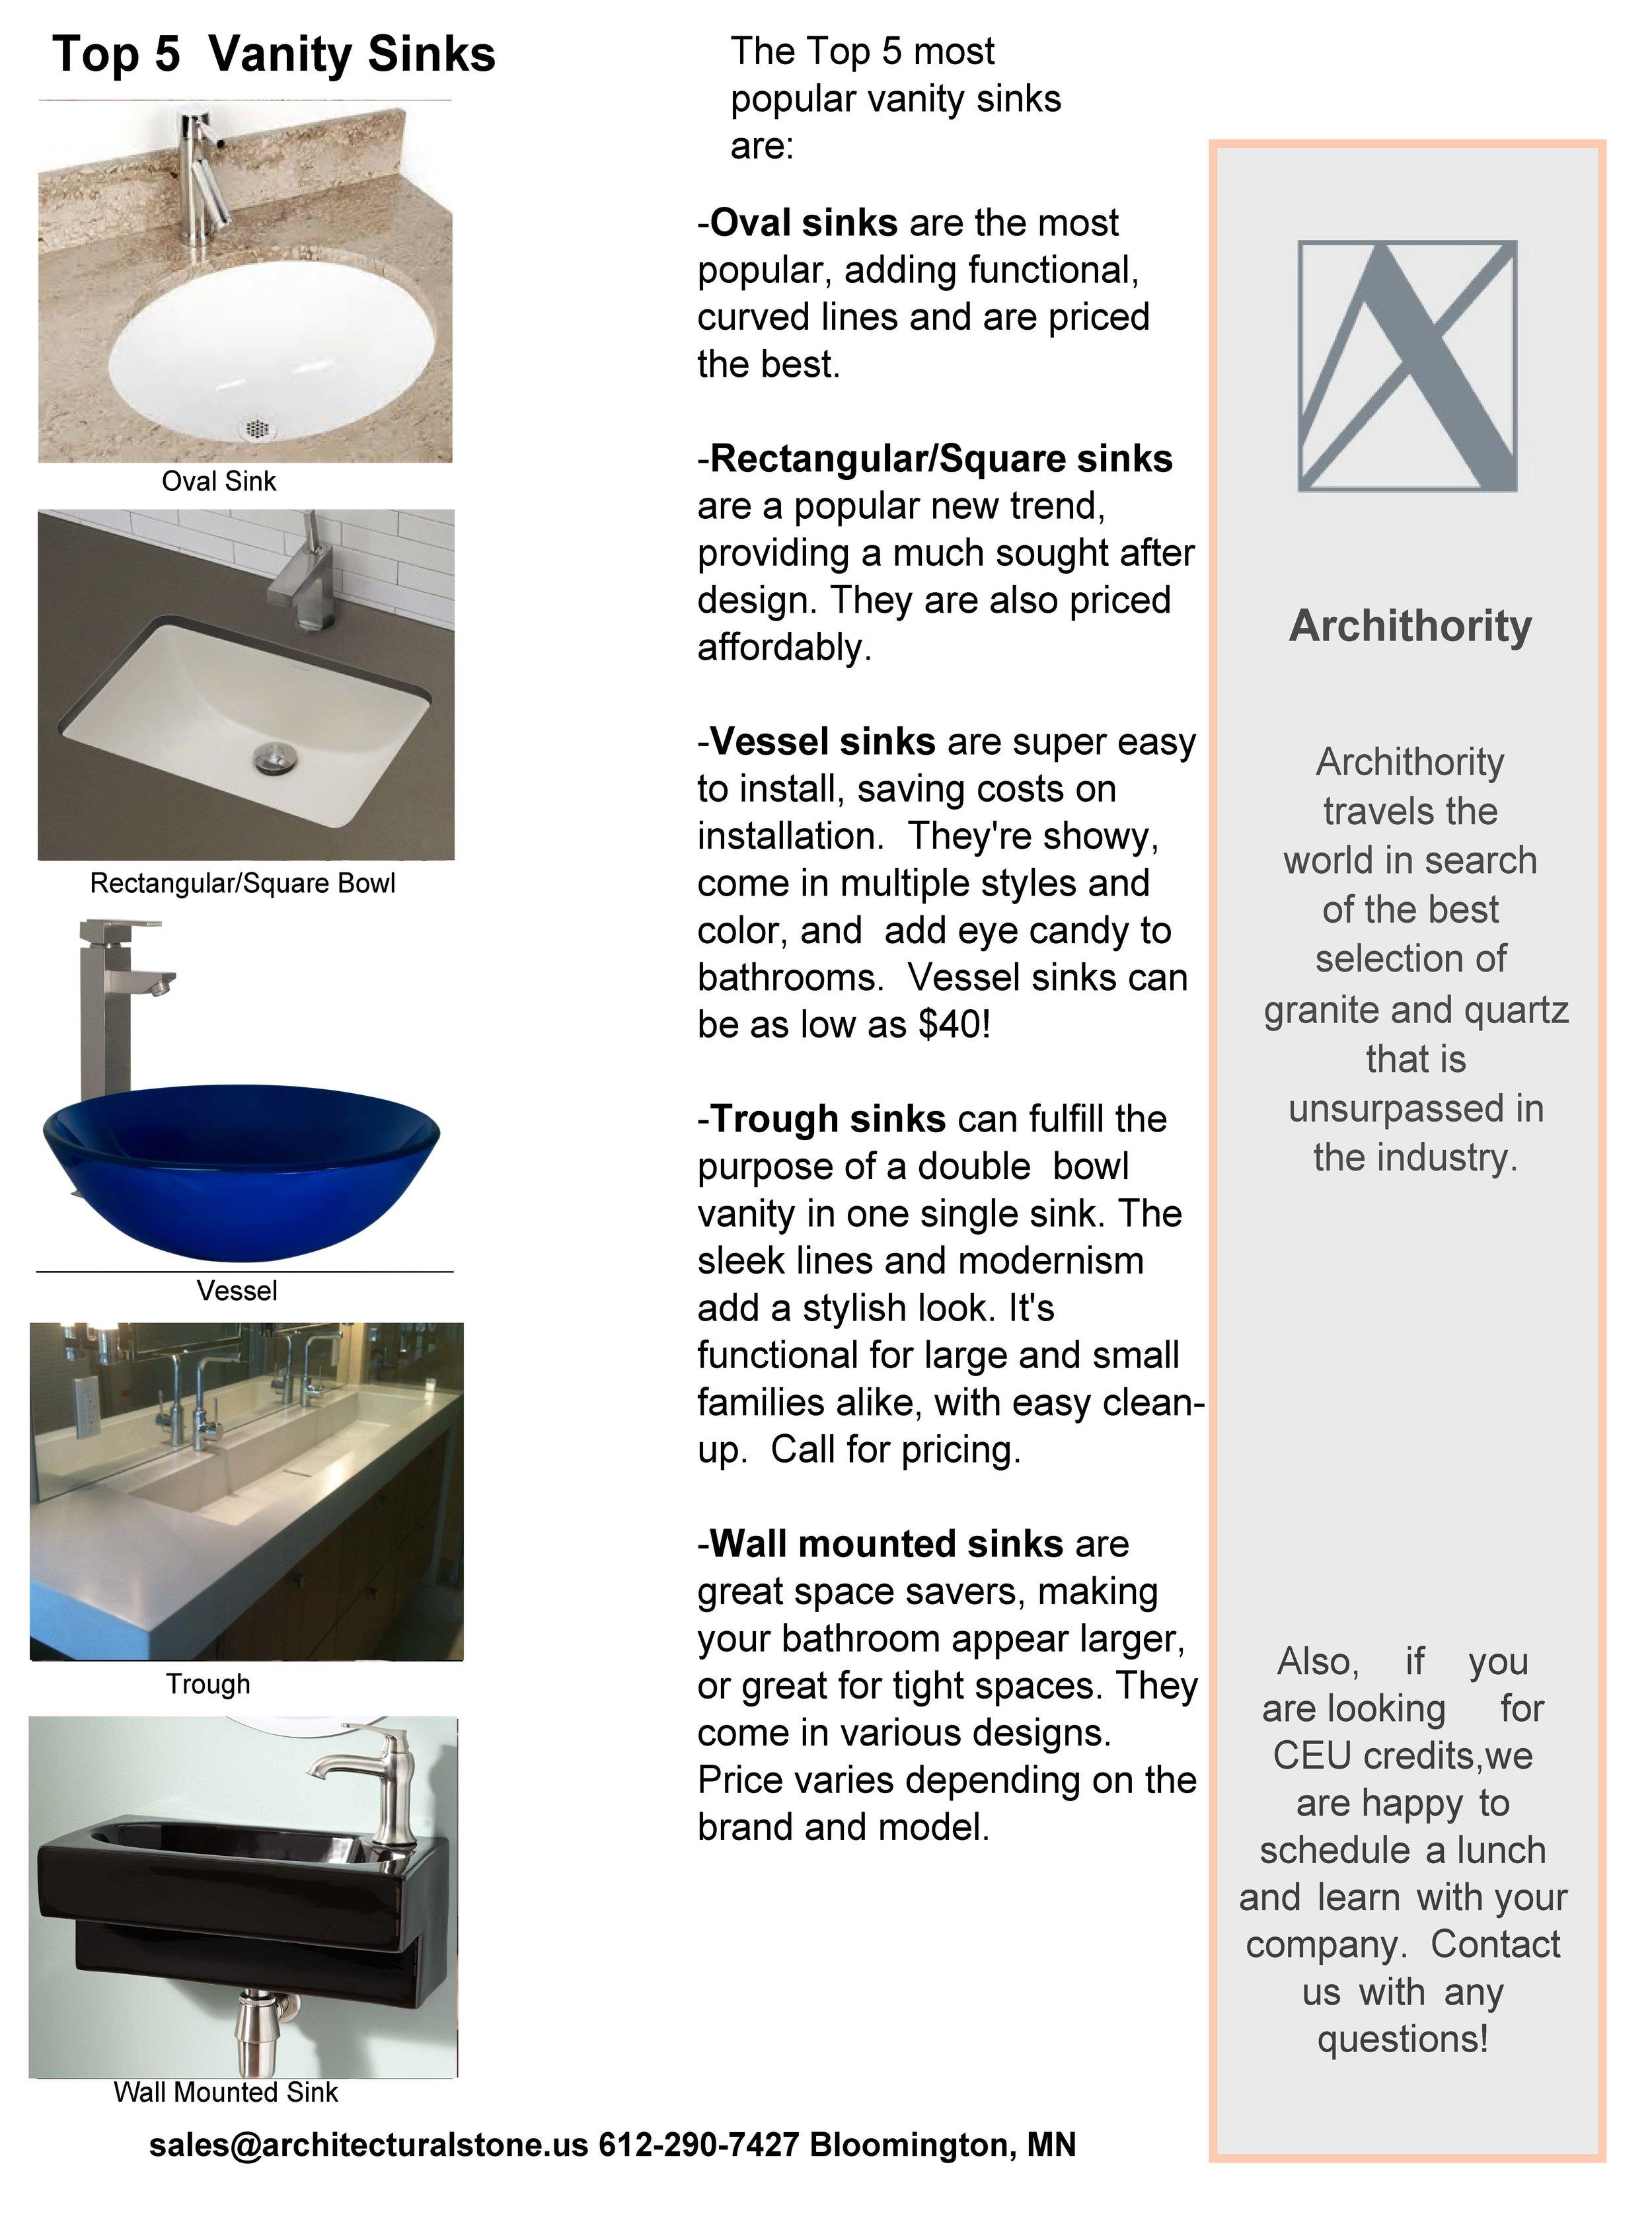 top 5 vanity sinks.jpg